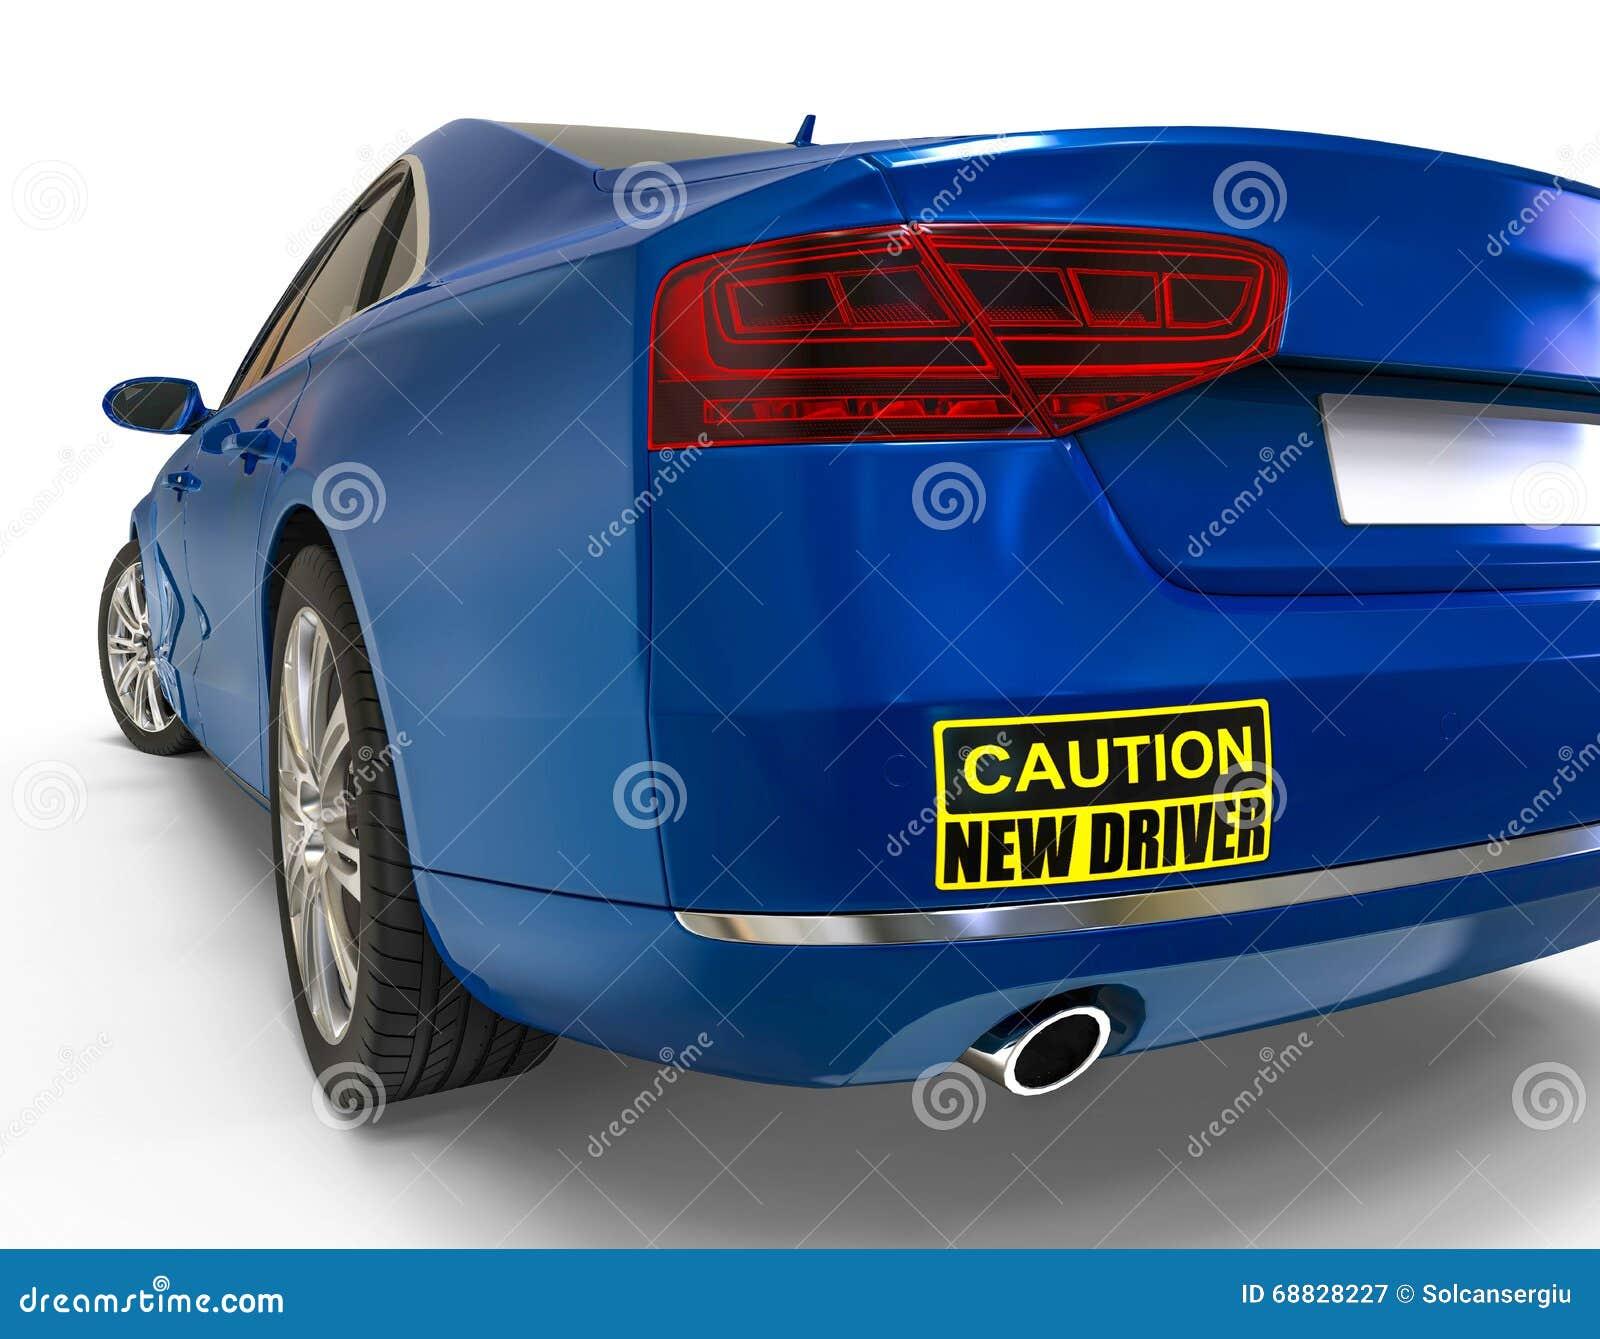 Car sticker design download - New Driver Bumper Sticker Concept